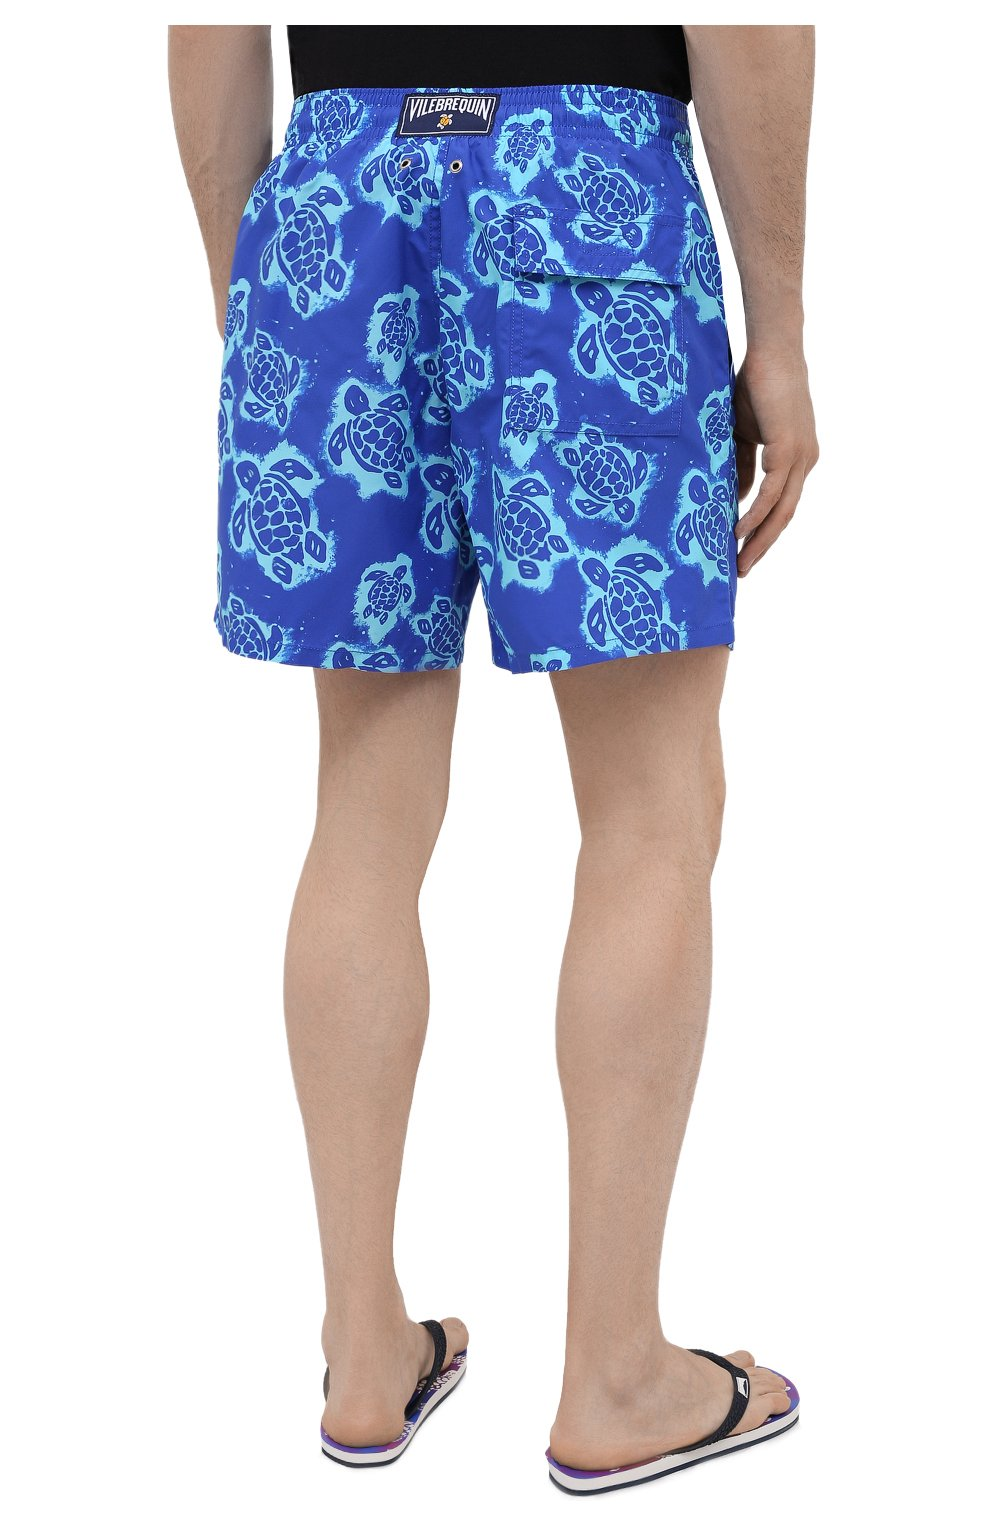 Мужские плавки-шорты VILEBREQUIN синего цвета, арт. MOOH1B03/314   Фото 4 (Материал внешний: Синтетический материал; Принт: С принтом; Мужское Кросс-КТ: плавки-шорты)